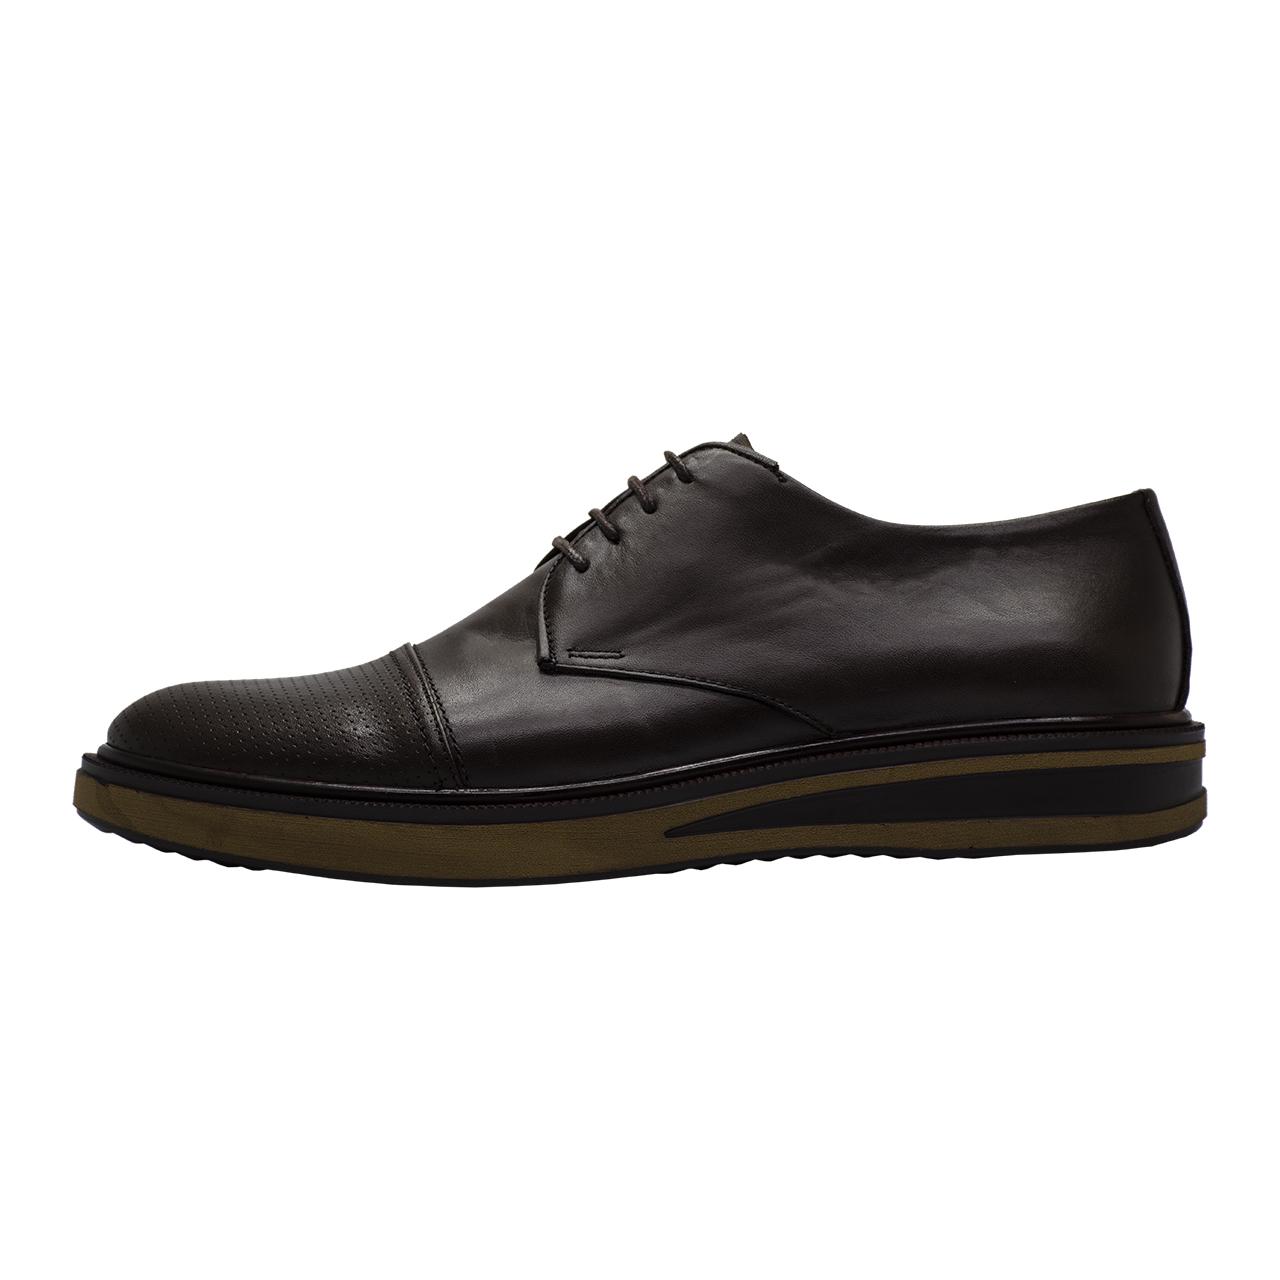 کفش مردانه رسا چرم کد 157